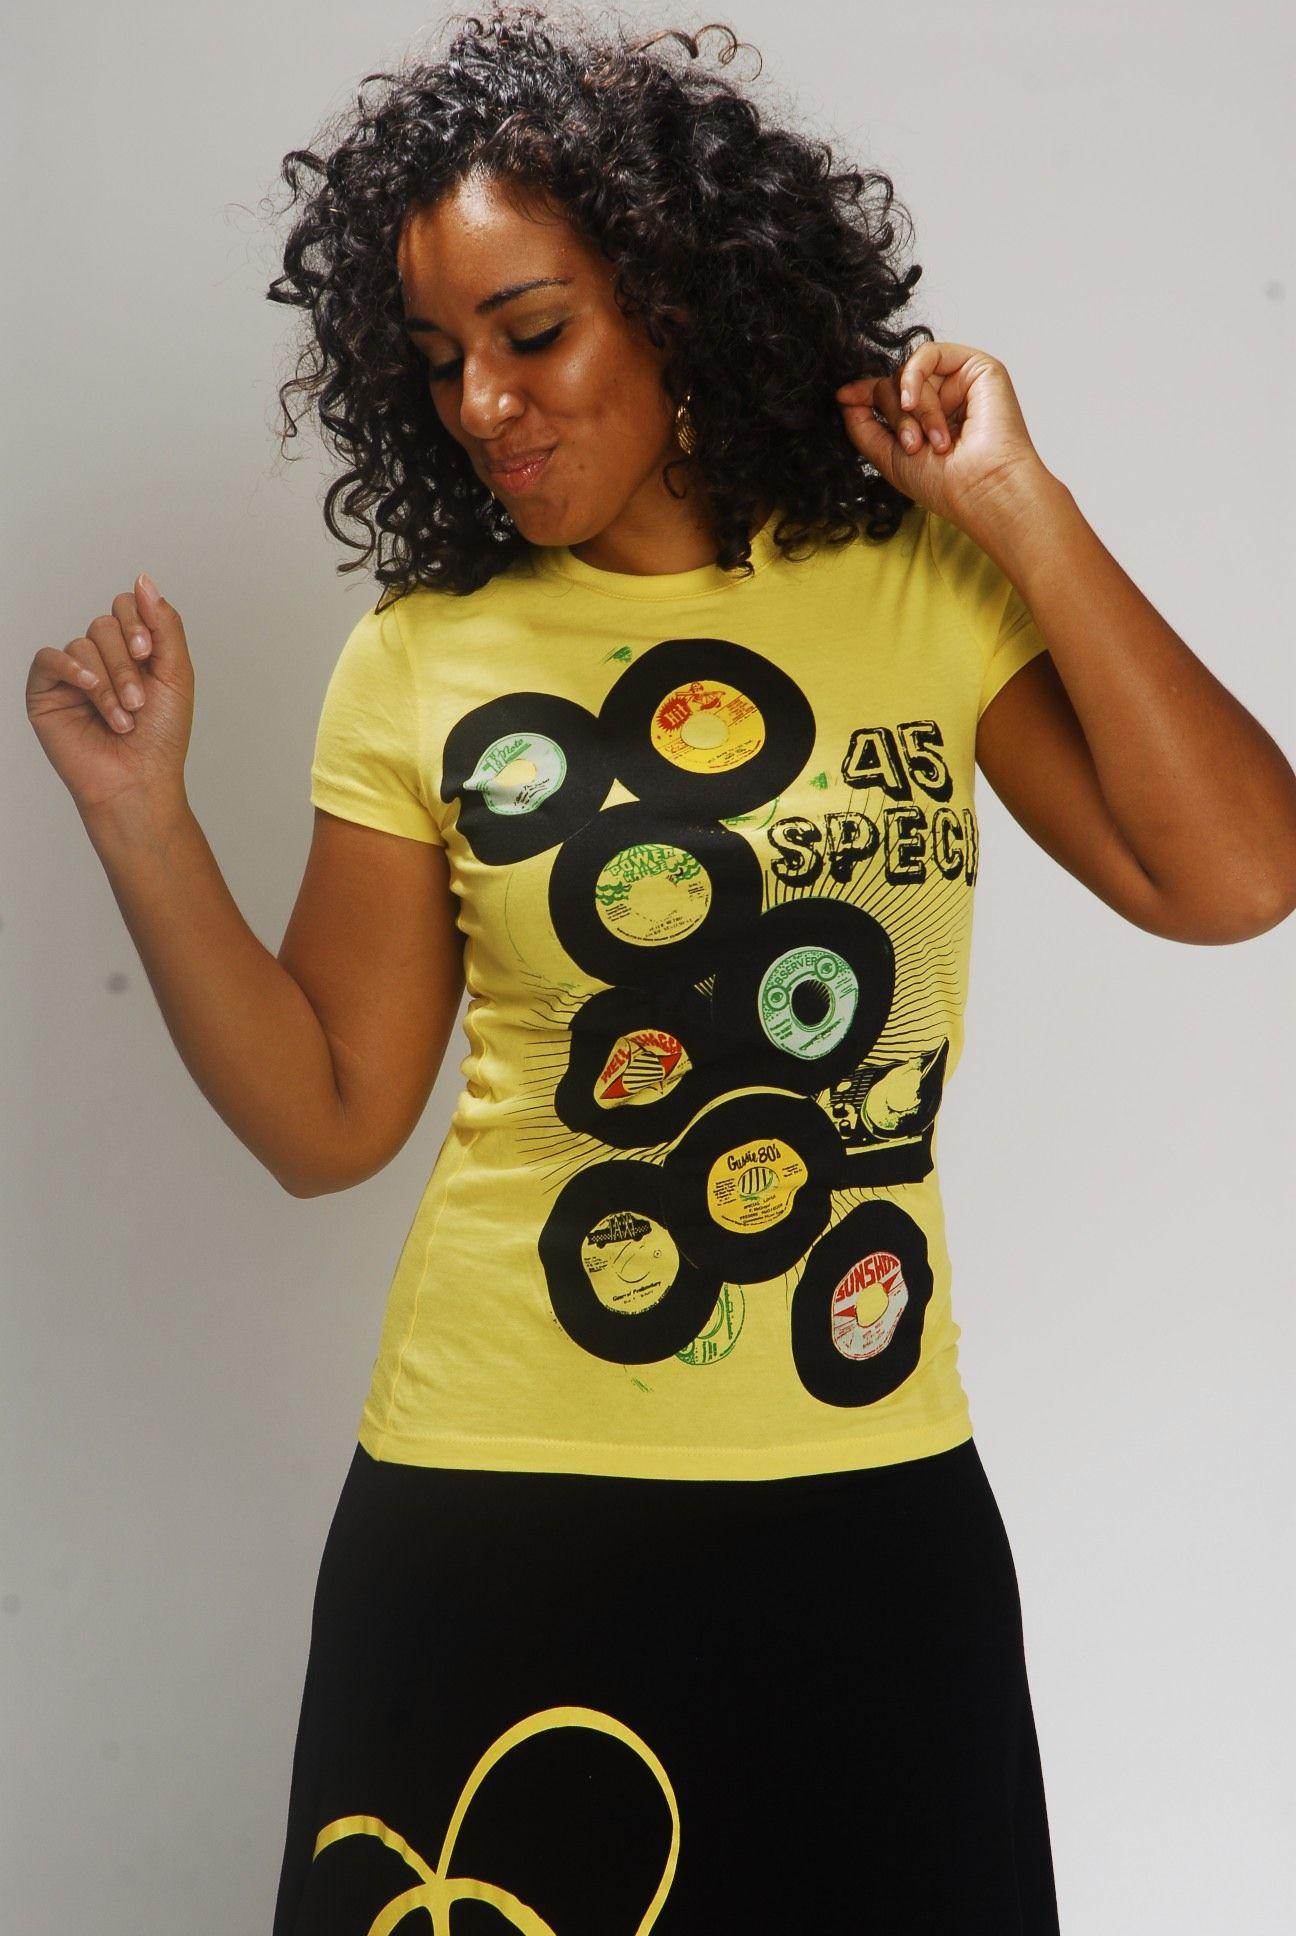 45 Special Cooyah #rocksteady #reggae #fashion